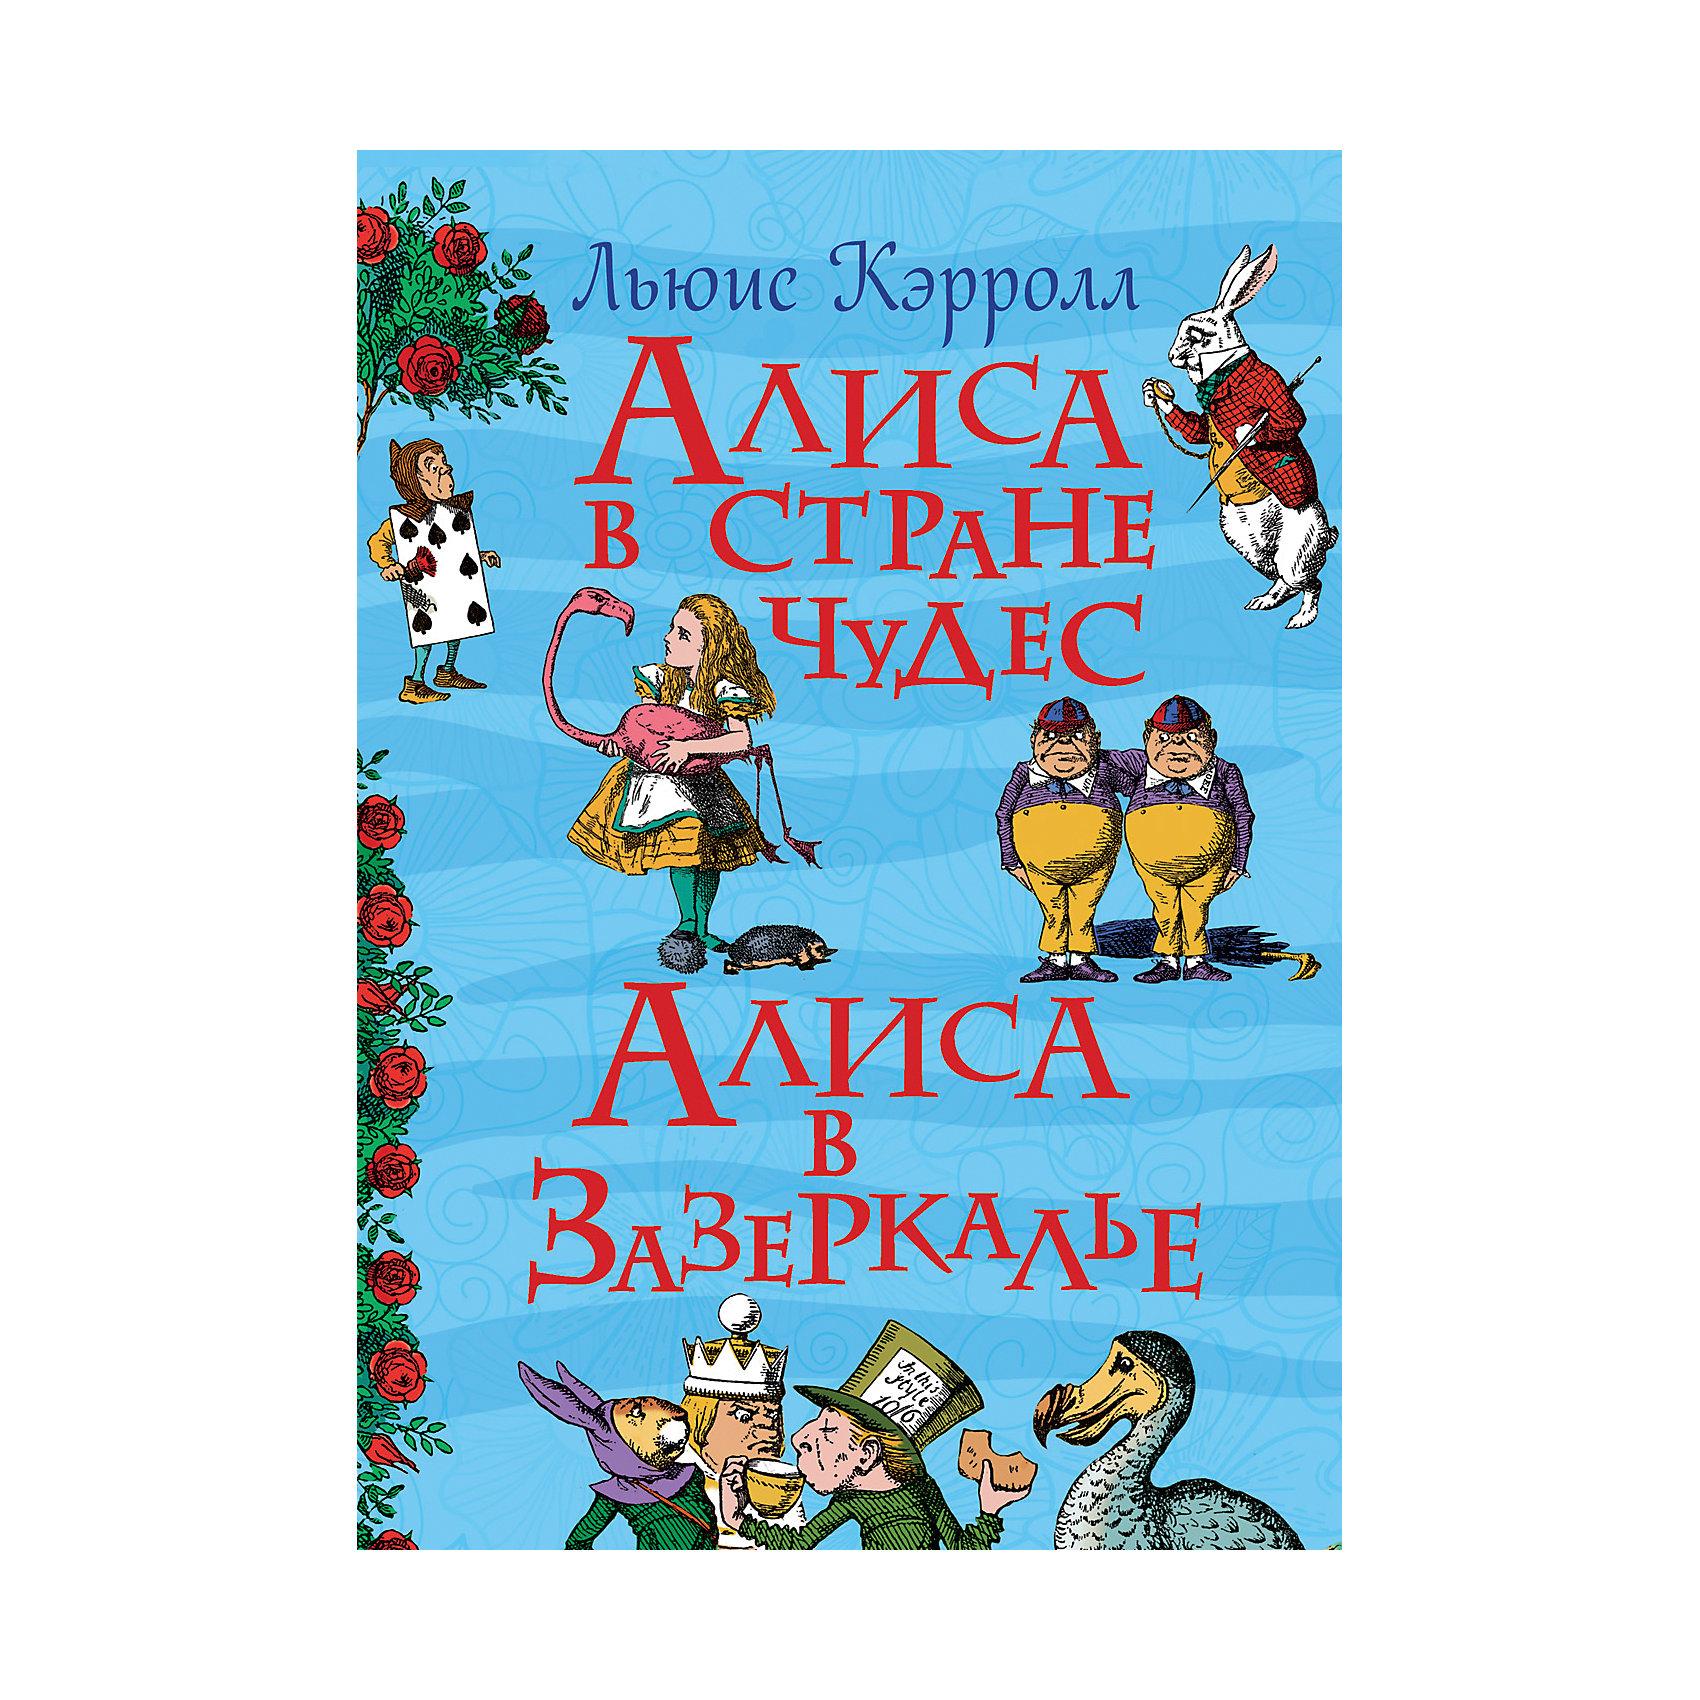 Алиса в стране чудес (Все истории), Л. КэрроллКэррол Л.<br>Характеристики товара:<br><br>- цвет: разноцветный;<br>- материал: бумага;<br>- количество страниц: 272;<br>- обложка: твердая;<br>- содержание: Приключения Алисы в Стране Чудес и Сквозь Зеркало и что там увидела Алиса, или Алиса в Зазеркалье.<br><br>Мировая литературная классика – неотъемлемая часть домашней библиотеки. Знакомство с английскими писателями должно происходить в детстве во время чтения всеми любимых сказок. Например, знаменитые сказки, которые читали взрослые, откроют для малыша творчество Кэрролла. В книге есть яркие и красочные иллюстрации, привлекающие внимание малыша и способные привить любовь к книгам. Все материалы, использованные при производстве издания, соответствуют всем стандартам качества и безопасности. <br><br>Издание Алиса в стране чудес (Все истории), Л. Кэрролл от компании Росмэн можно приобрести в нашем интернет-магазине.<br><br>Ширина мм: 225<br>Глубина мм: 170<br>Высота мм: 20<br>Вес г: 596<br>Возраст от месяцев: 60<br>Возраст до месяцев: 84<br>Пол: Унисекс<br>Возраст: Детский<br>SKU: 5109935